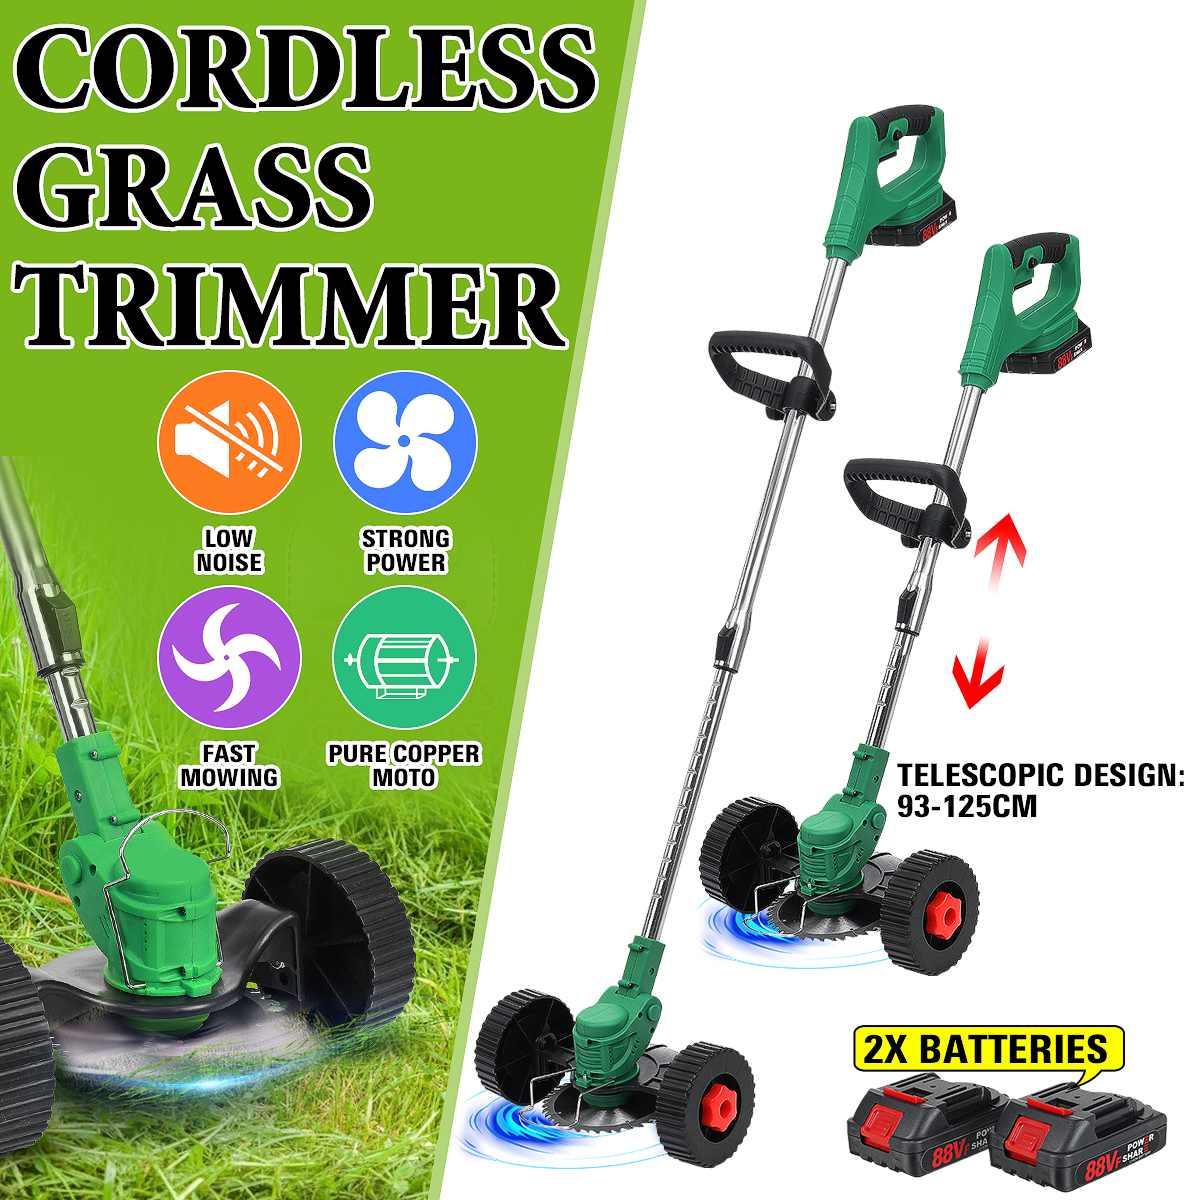 اللاسلكي جزازة العشب الكهربائية قابل للتعديل عجلة مزدوجة قابل للتعديل الكهربائية العشب المتقلب حديقة القاطع أداة للبطارية ماكيتا